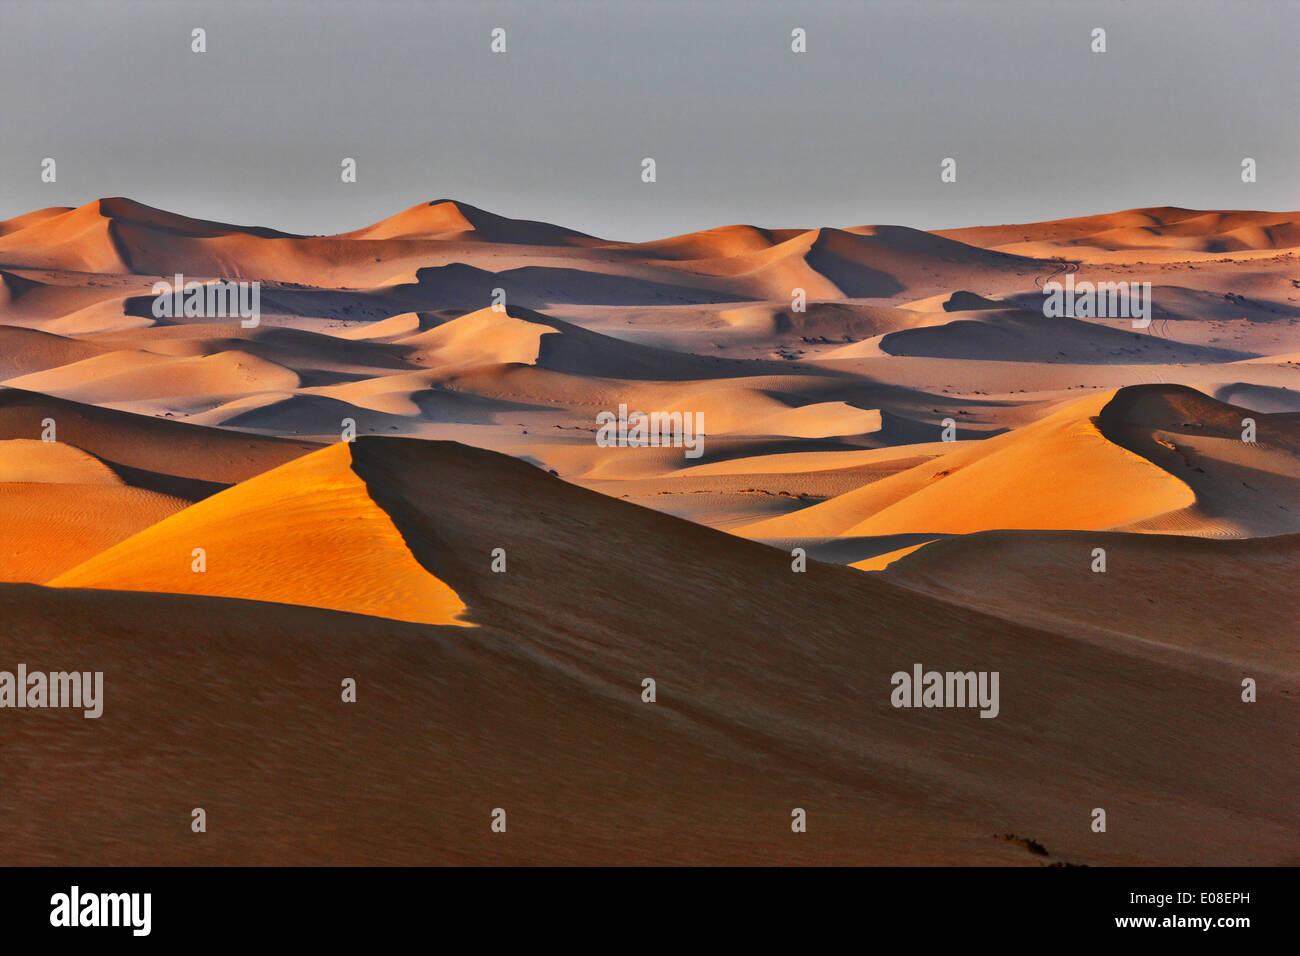 Sanddüne Landschaft in die Arabische Wüste. Stockbild